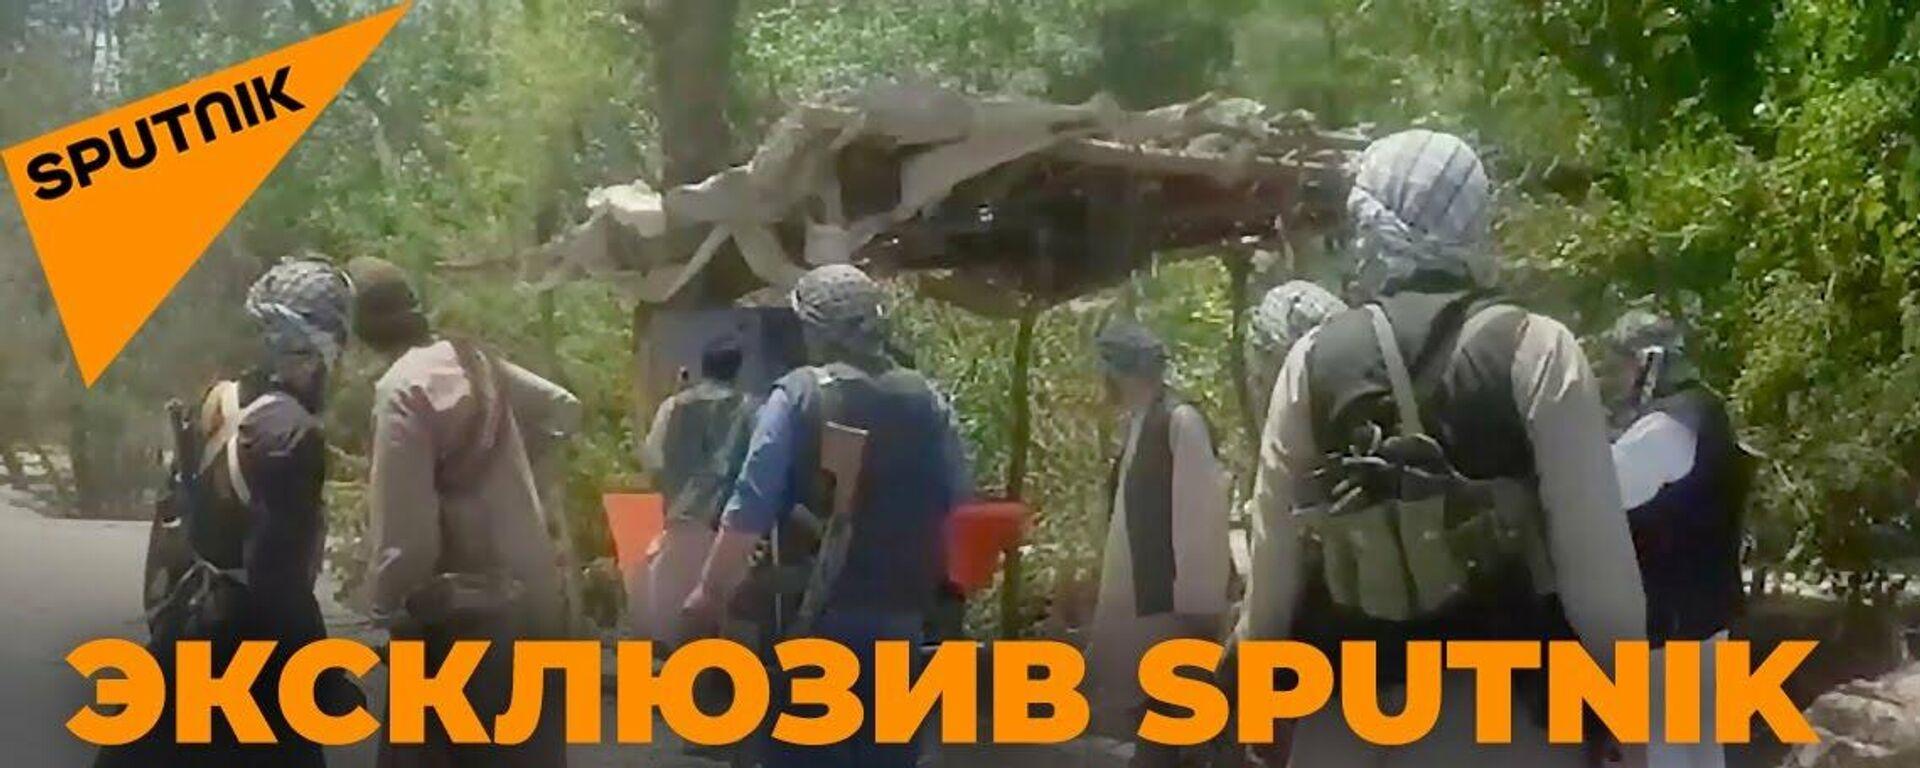 Что происходит в месте боевых действий афганцев с талибами - Sputnik Тоҷикистон, 1920, 03.08.2021